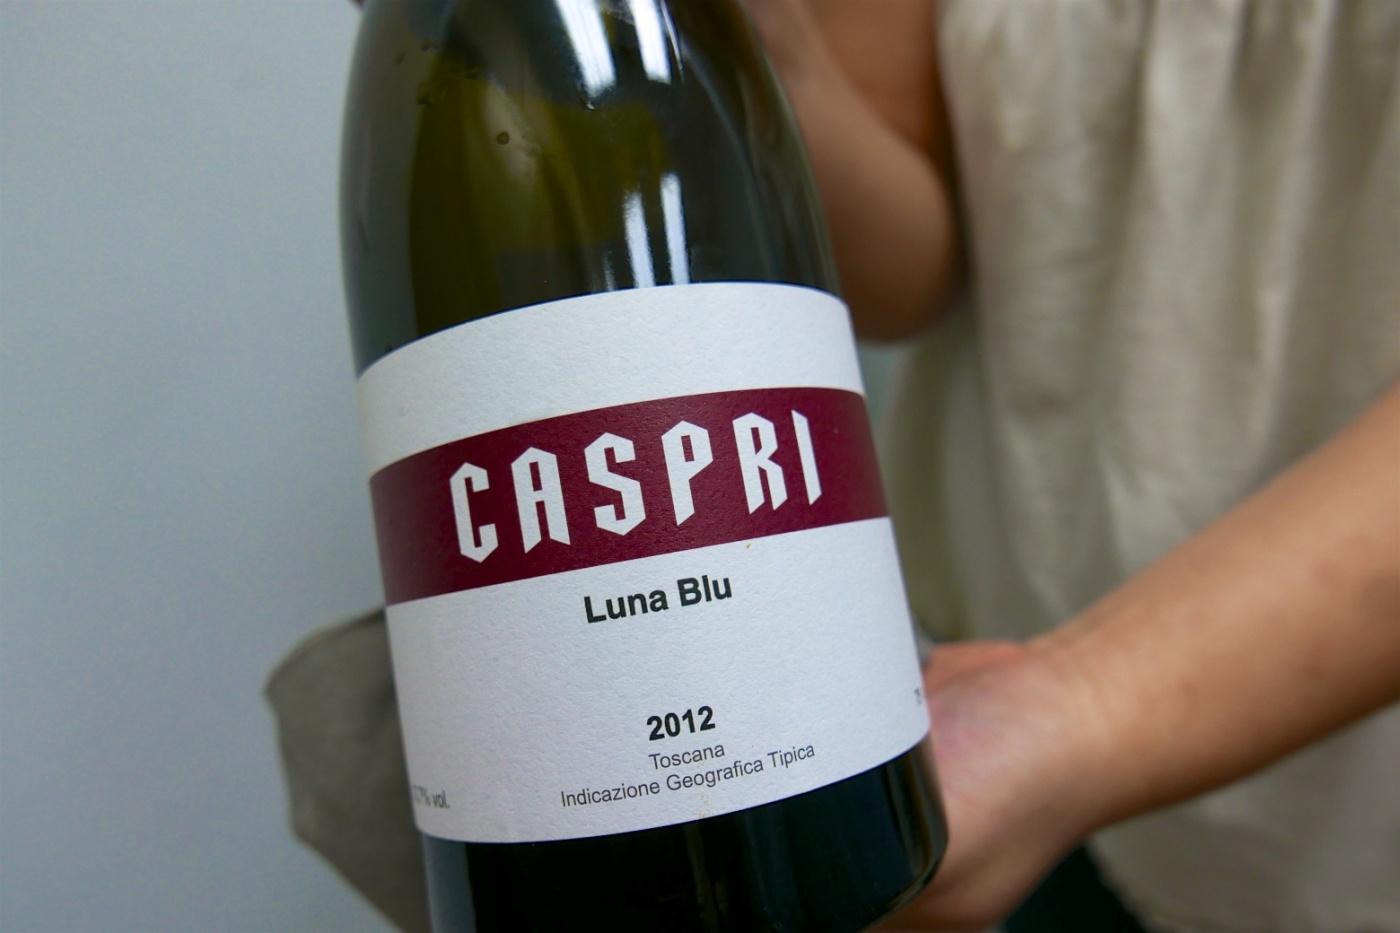 2012 Fattoria di Caspri 'Luna Blu' Toscana IGP, Tuscany, Italy